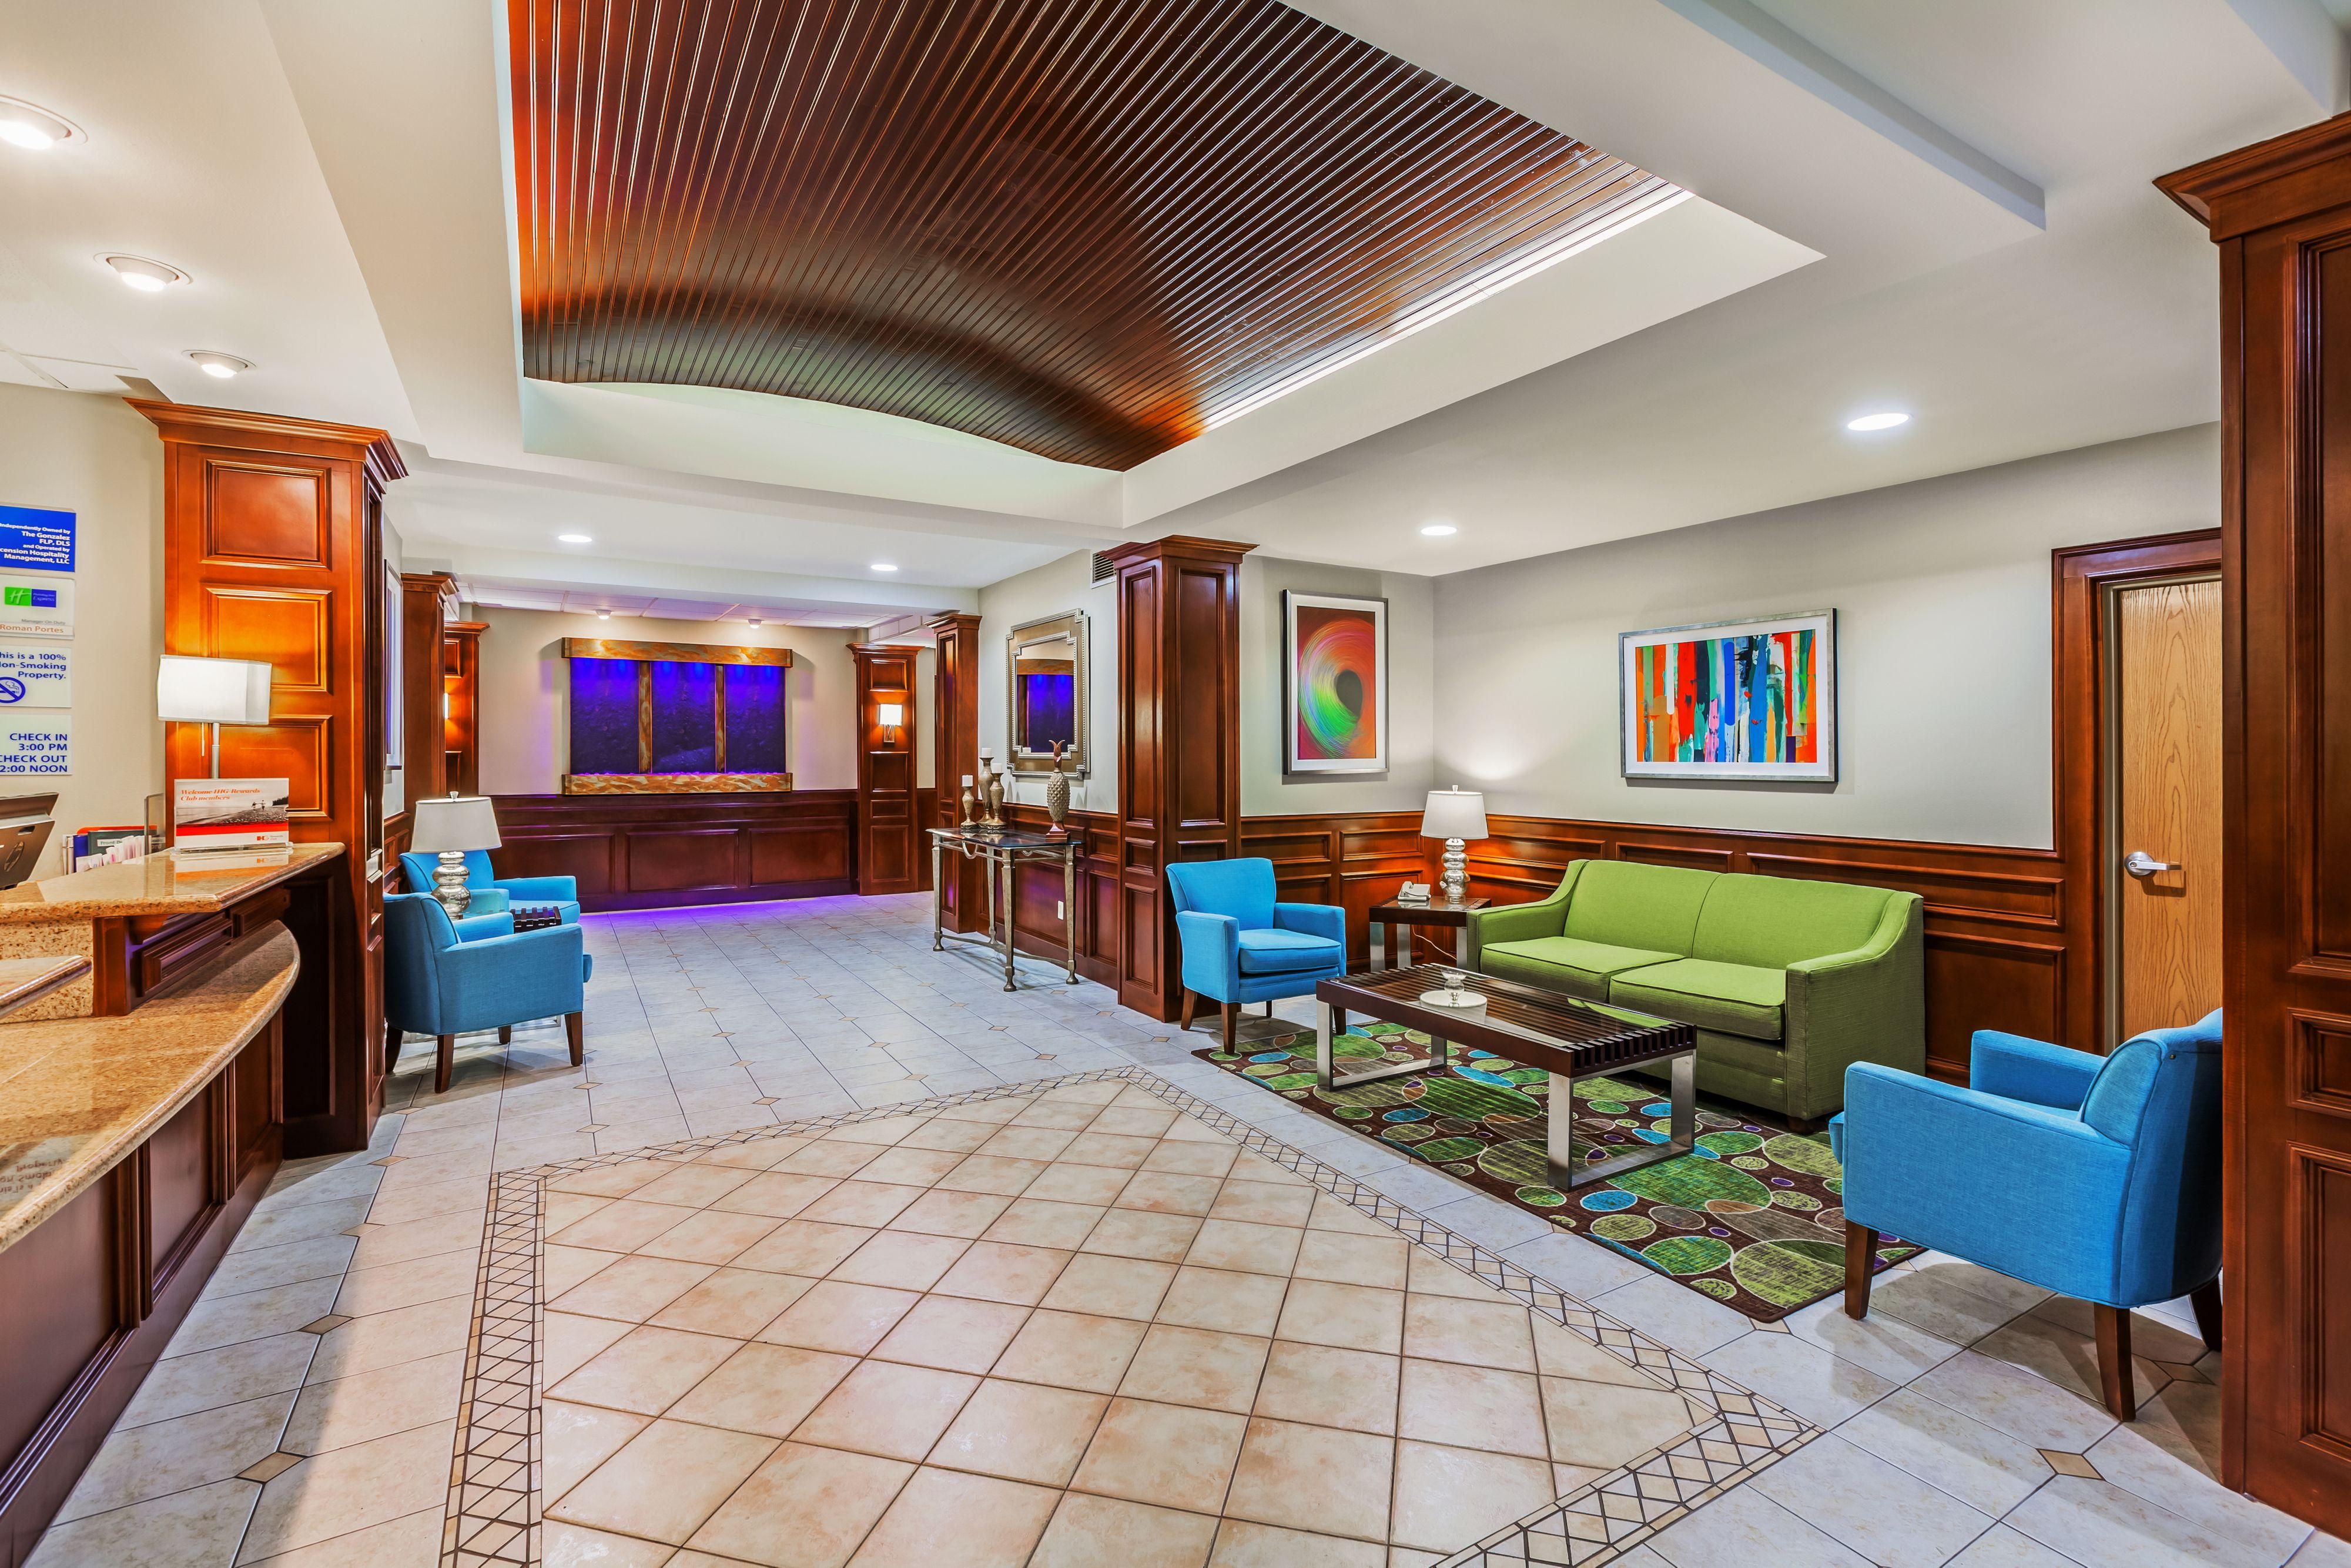 Holiday Inn Express Pharr Pharr Texas Tx